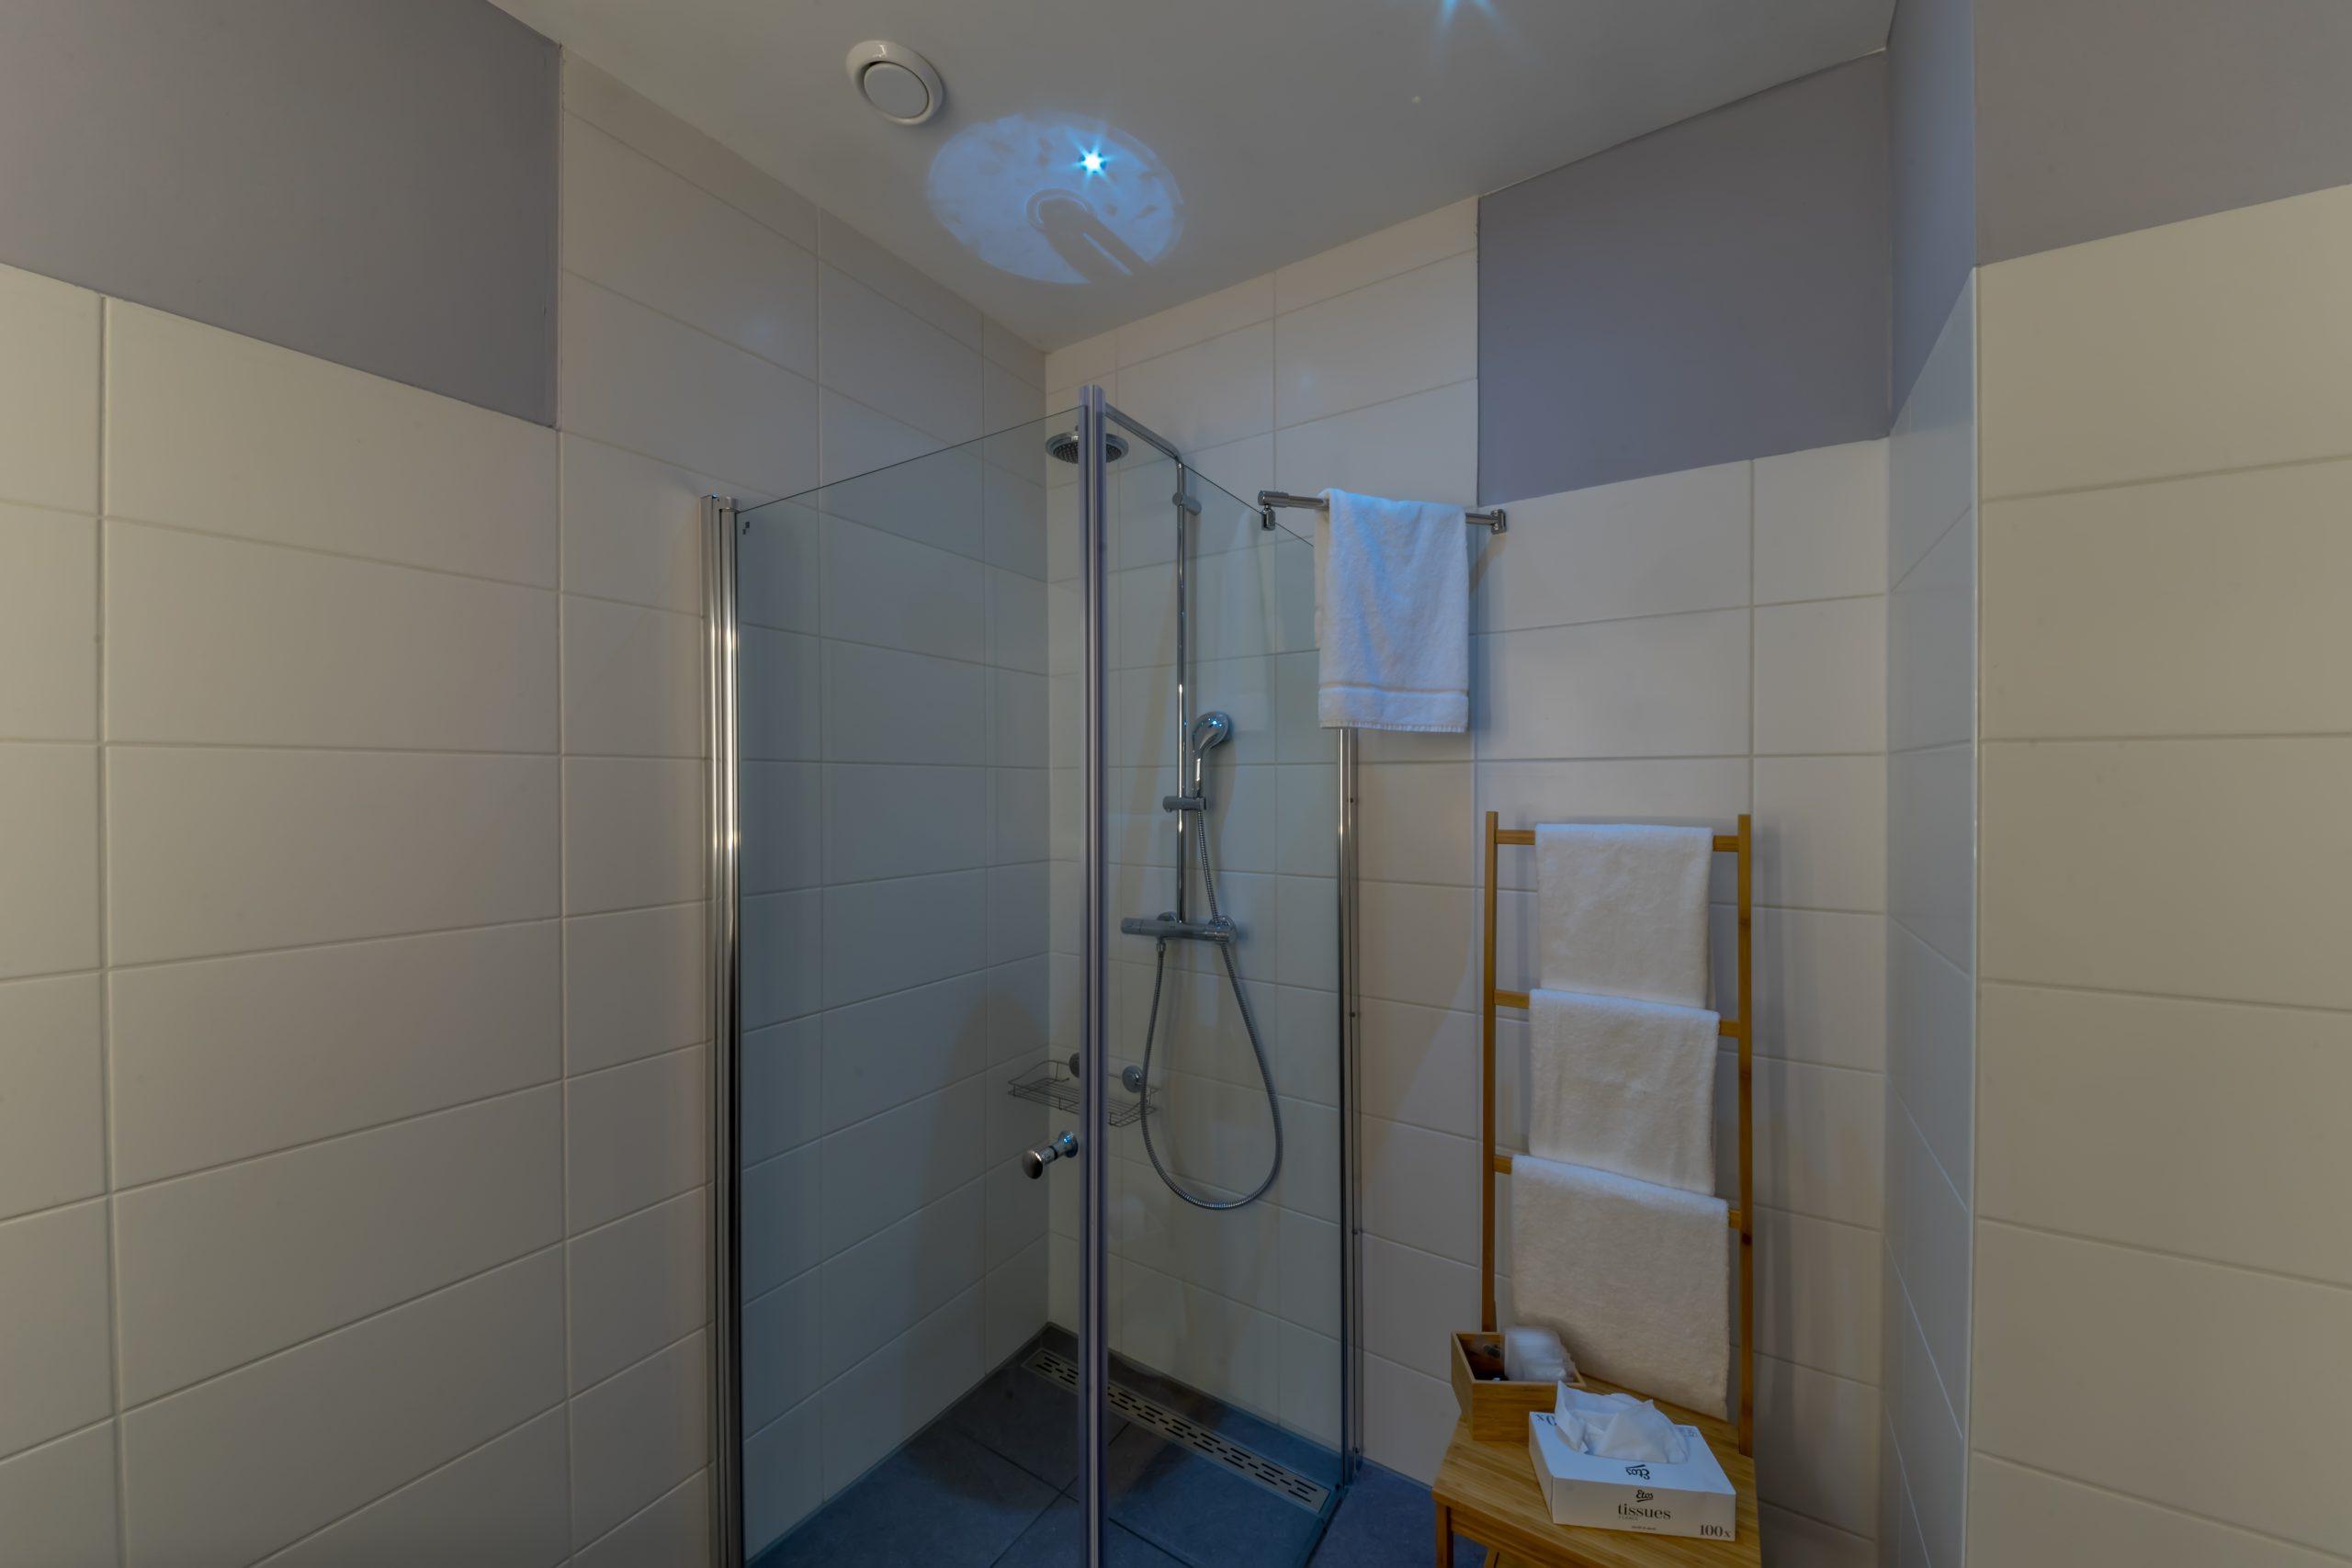 Badkamer-Bathroom-bathzimmer-Tulp-Relaxed-Slapen-2